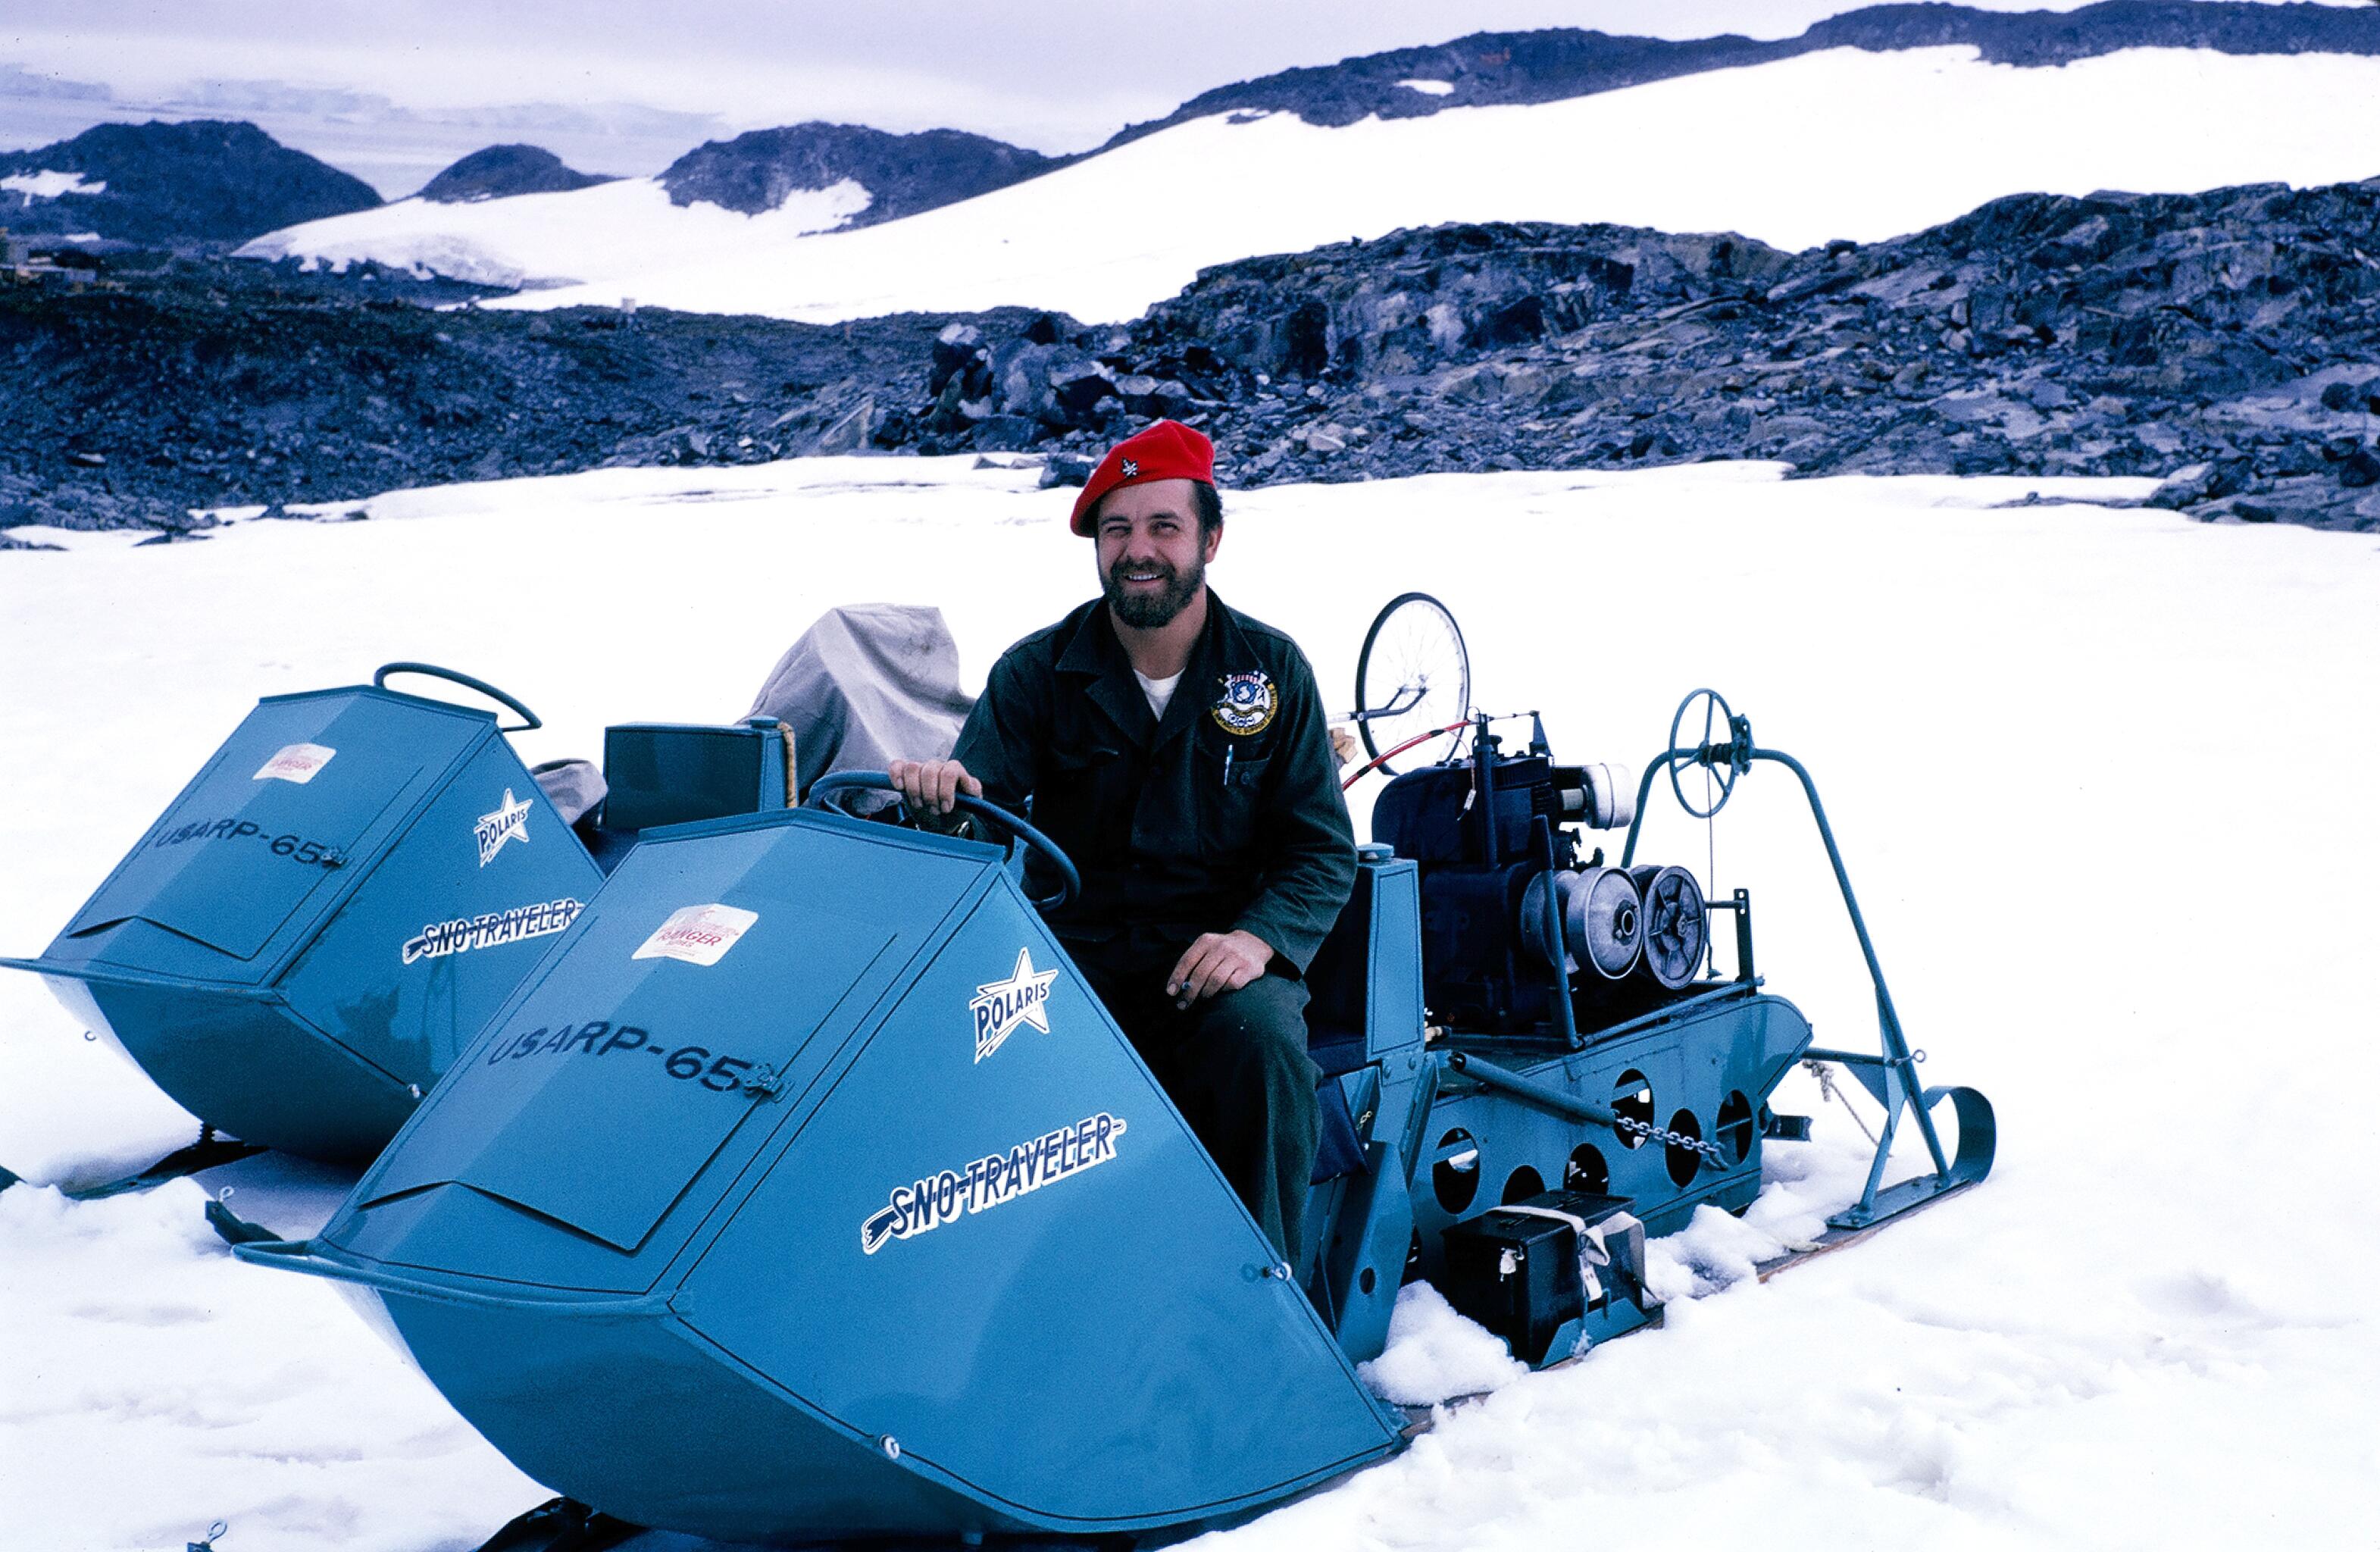 1965 polaris snowmobile vintage